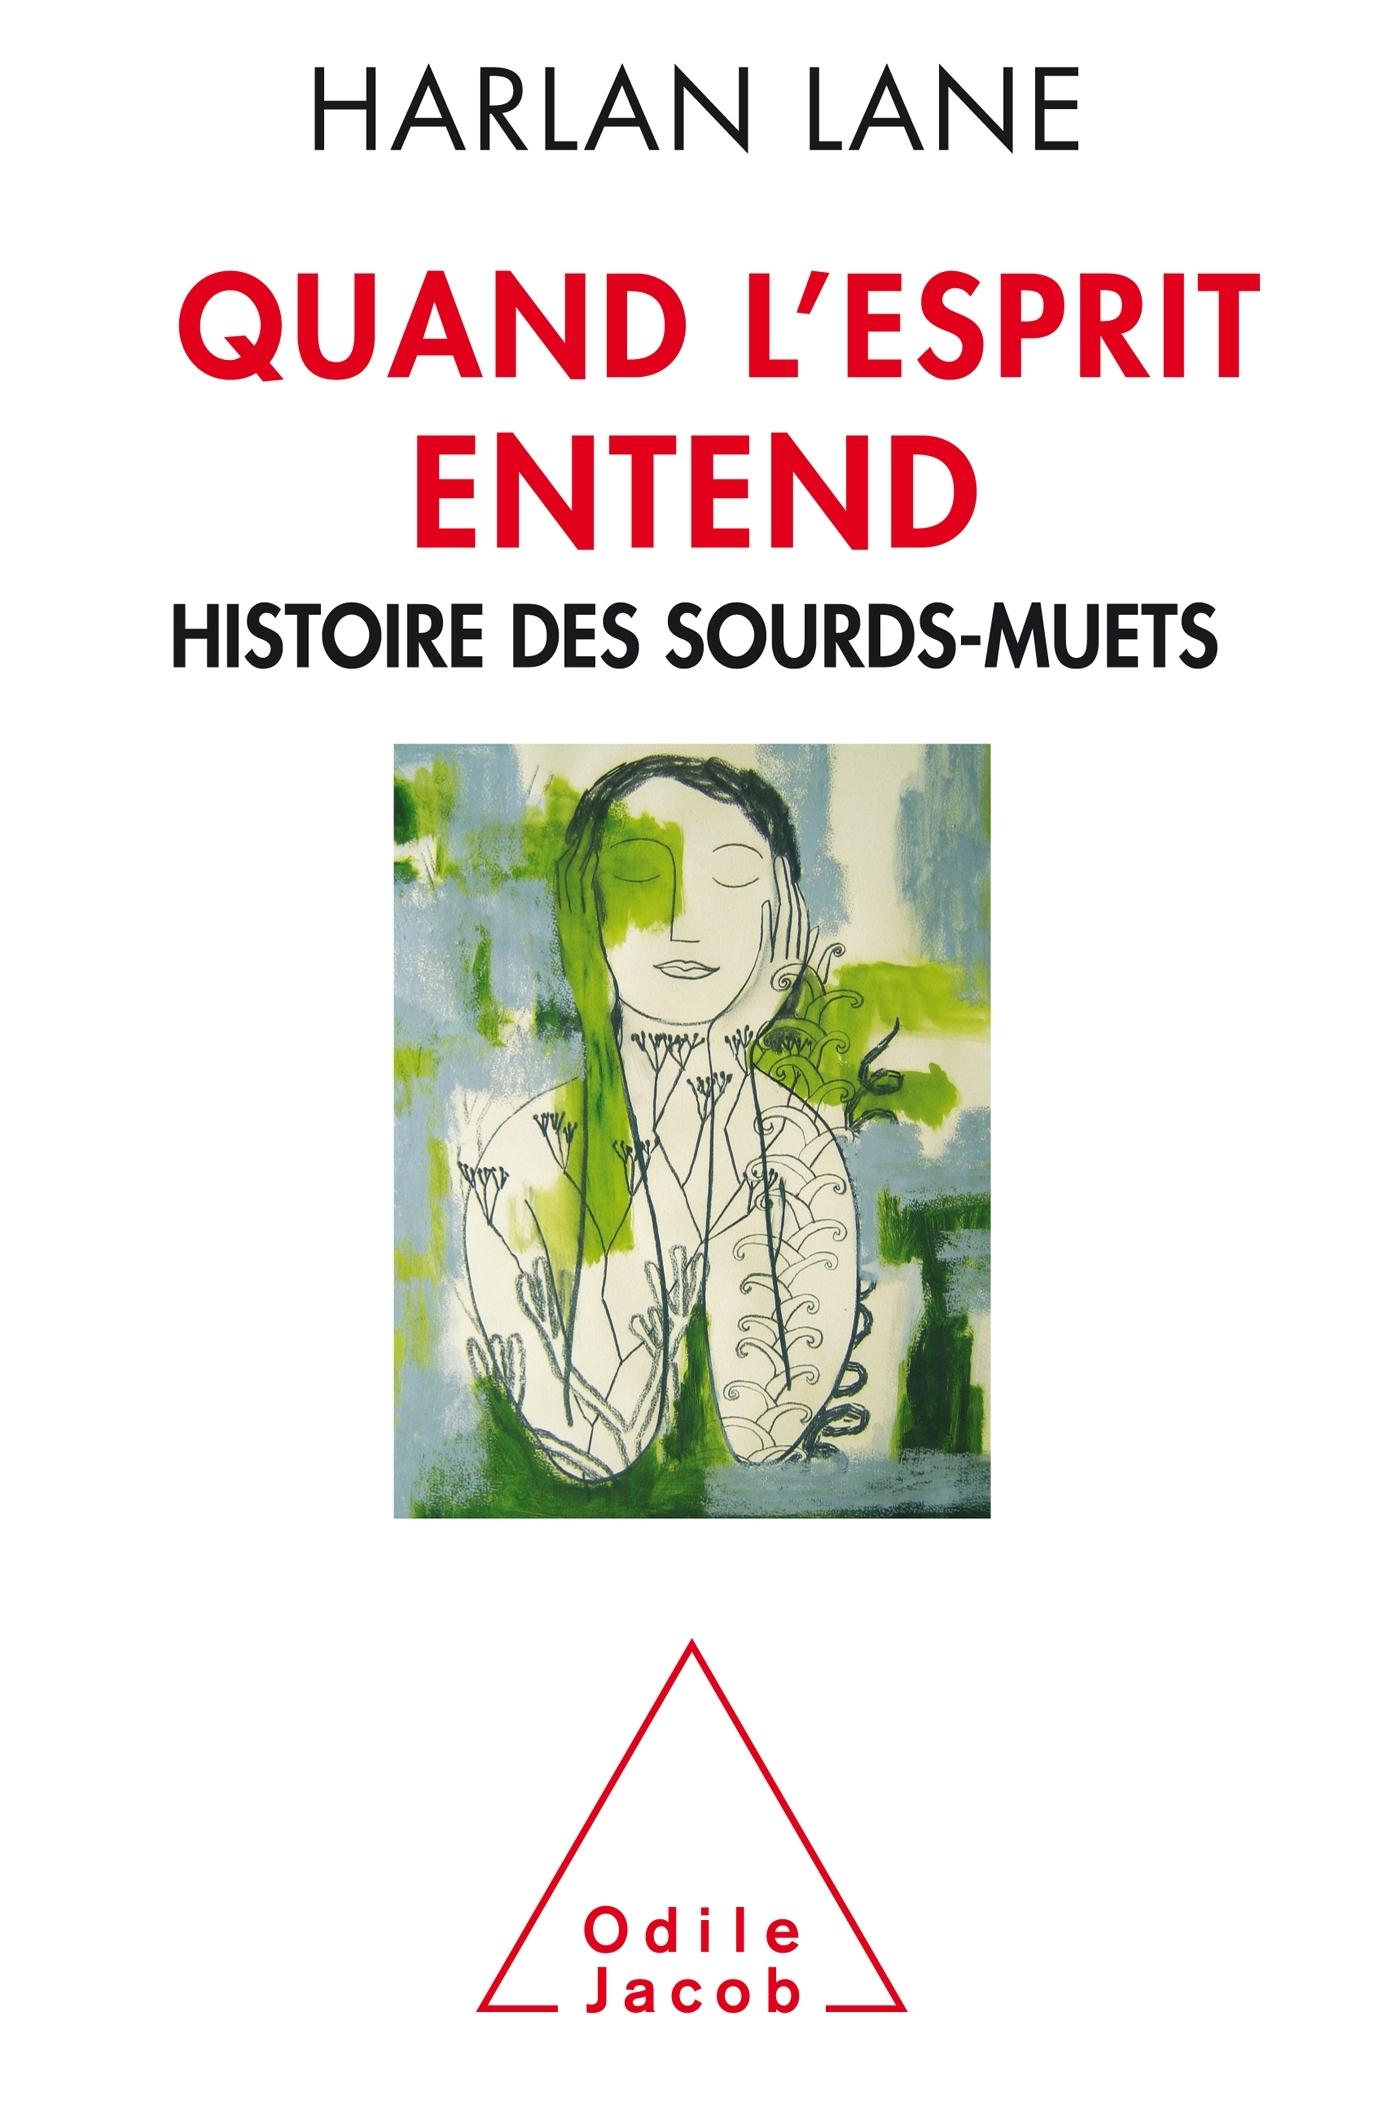 QUAND L'ESPRIT ENTEND - HISTOIRE DES SOURDS-MUETS